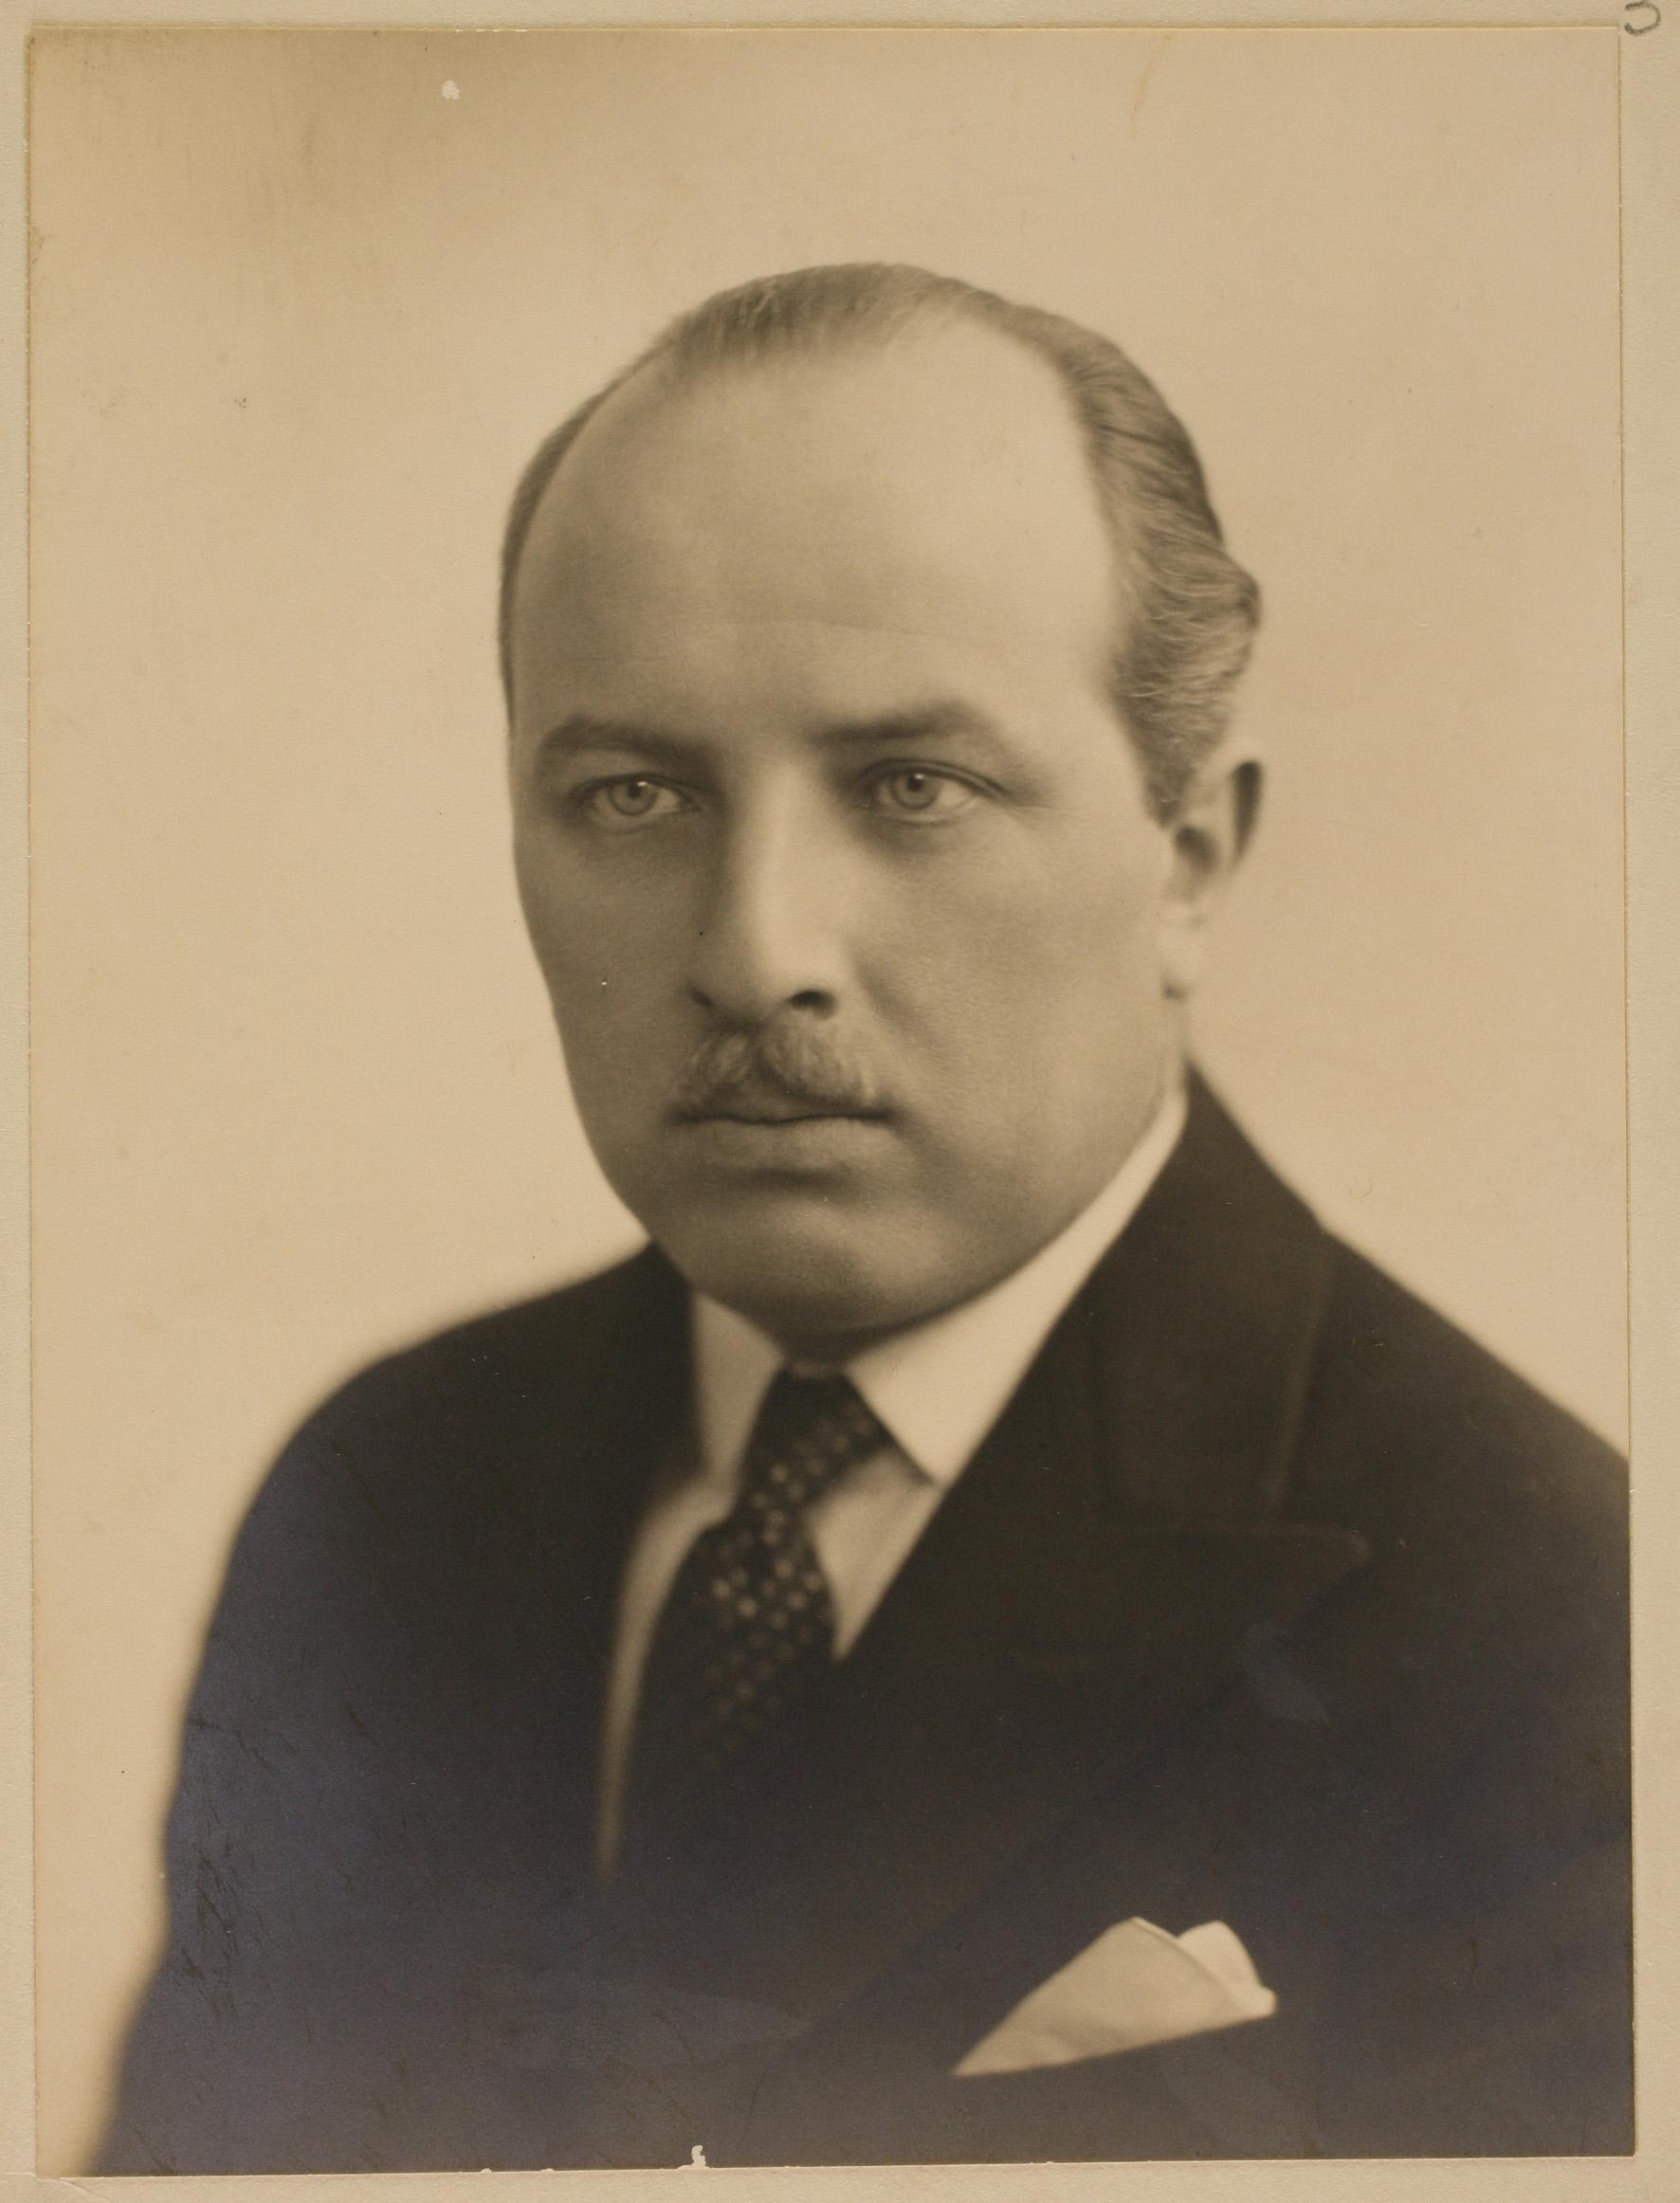 Kazys Bizauskas – Lietuvos nepaprastasis pasiuntinys ir įgaliotasis ministras Didžiajai Britanijai. Londonas, 1930 m. | Lietuvos centrinio valstybės archyvo nuotr.